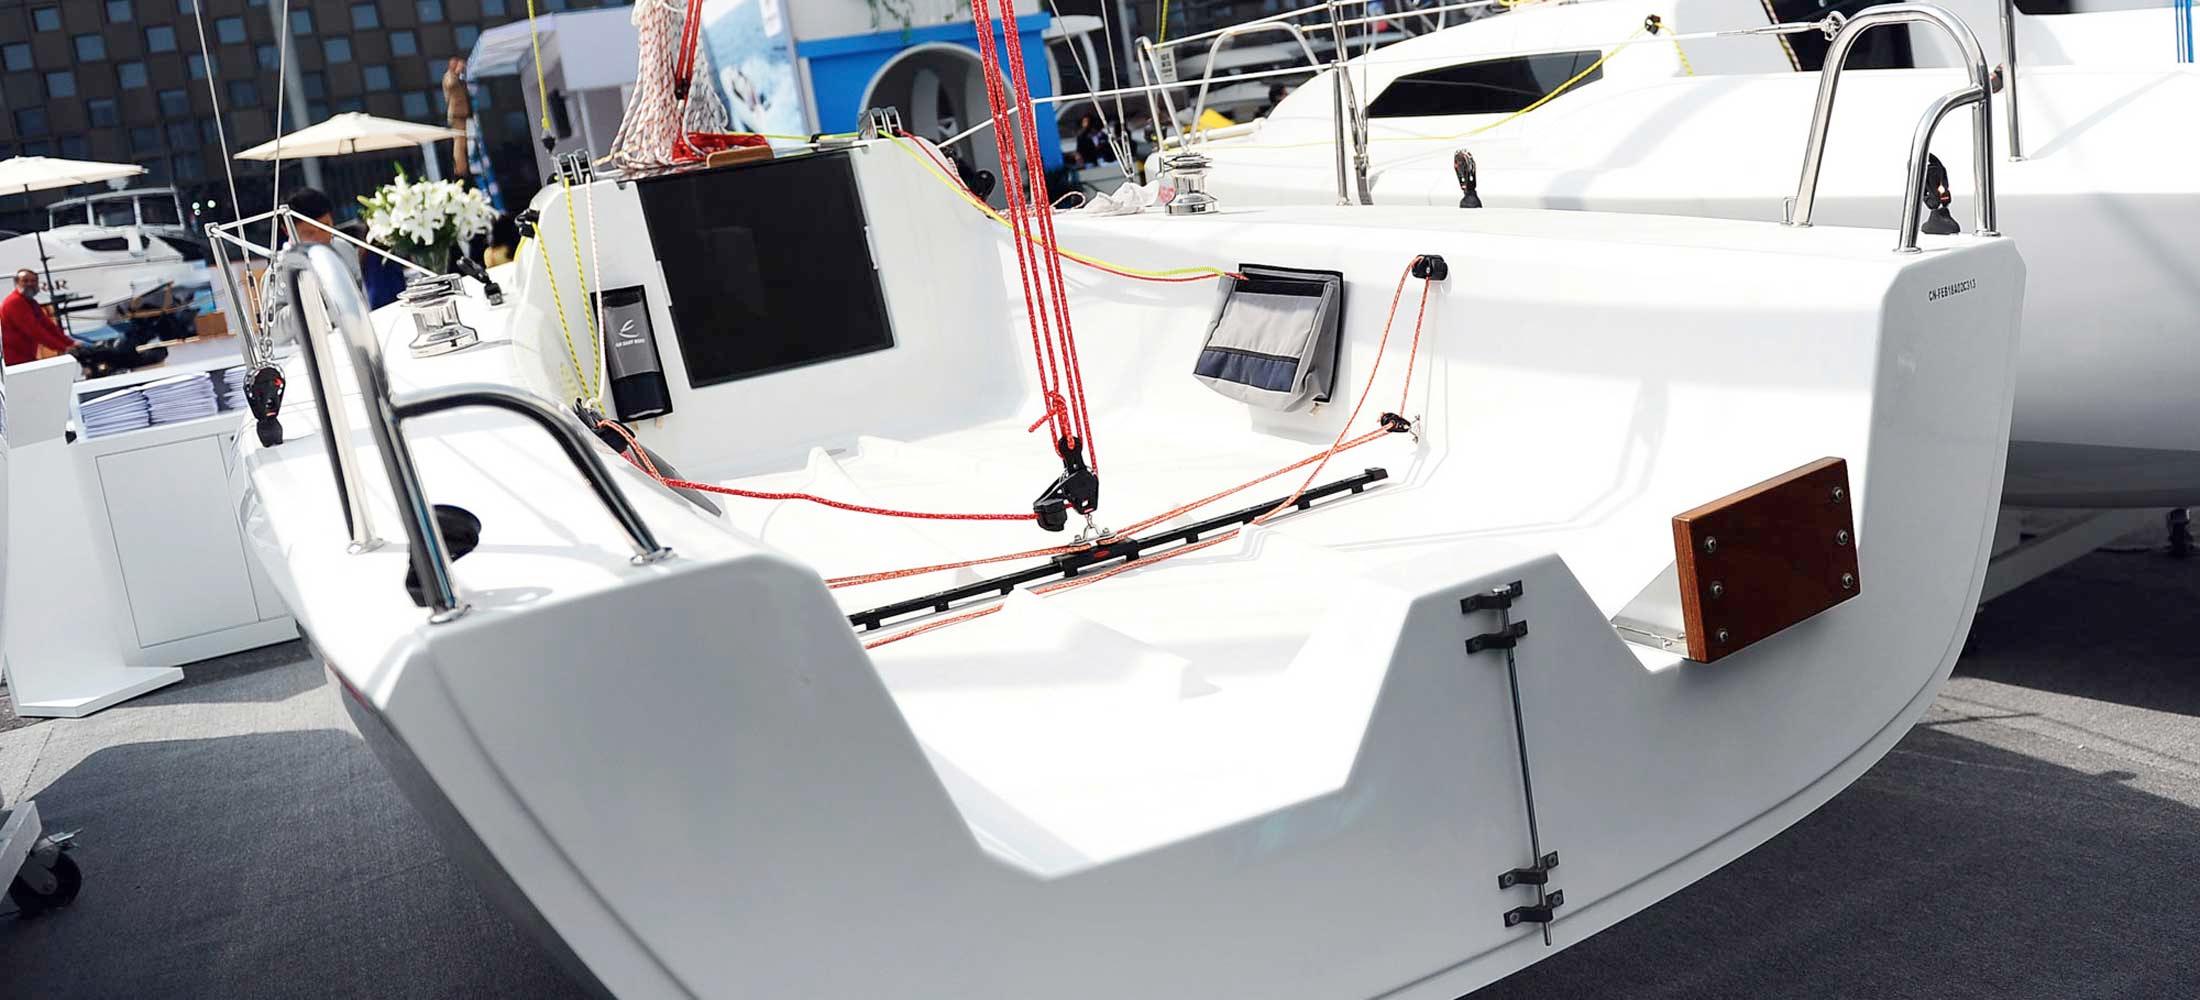 """雅马哈,帆船运动,室内设计,碳纤维,排水量 福利:7万一条处理两条""""珐伊18""""帆船【青岛】 54453579d9c3c95896.png"""